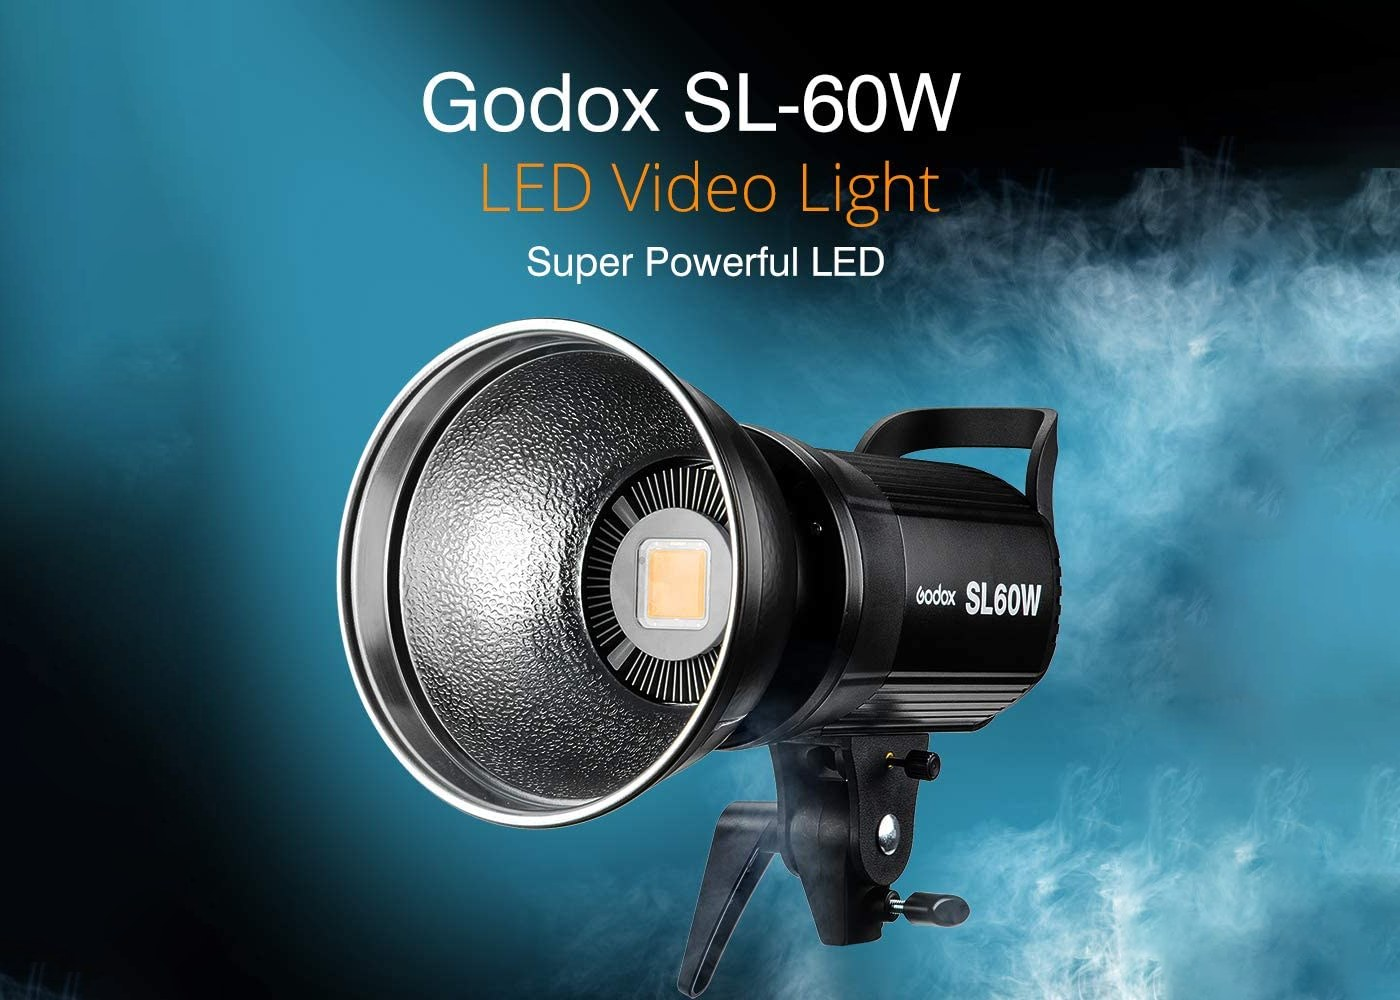 godox sl-60w